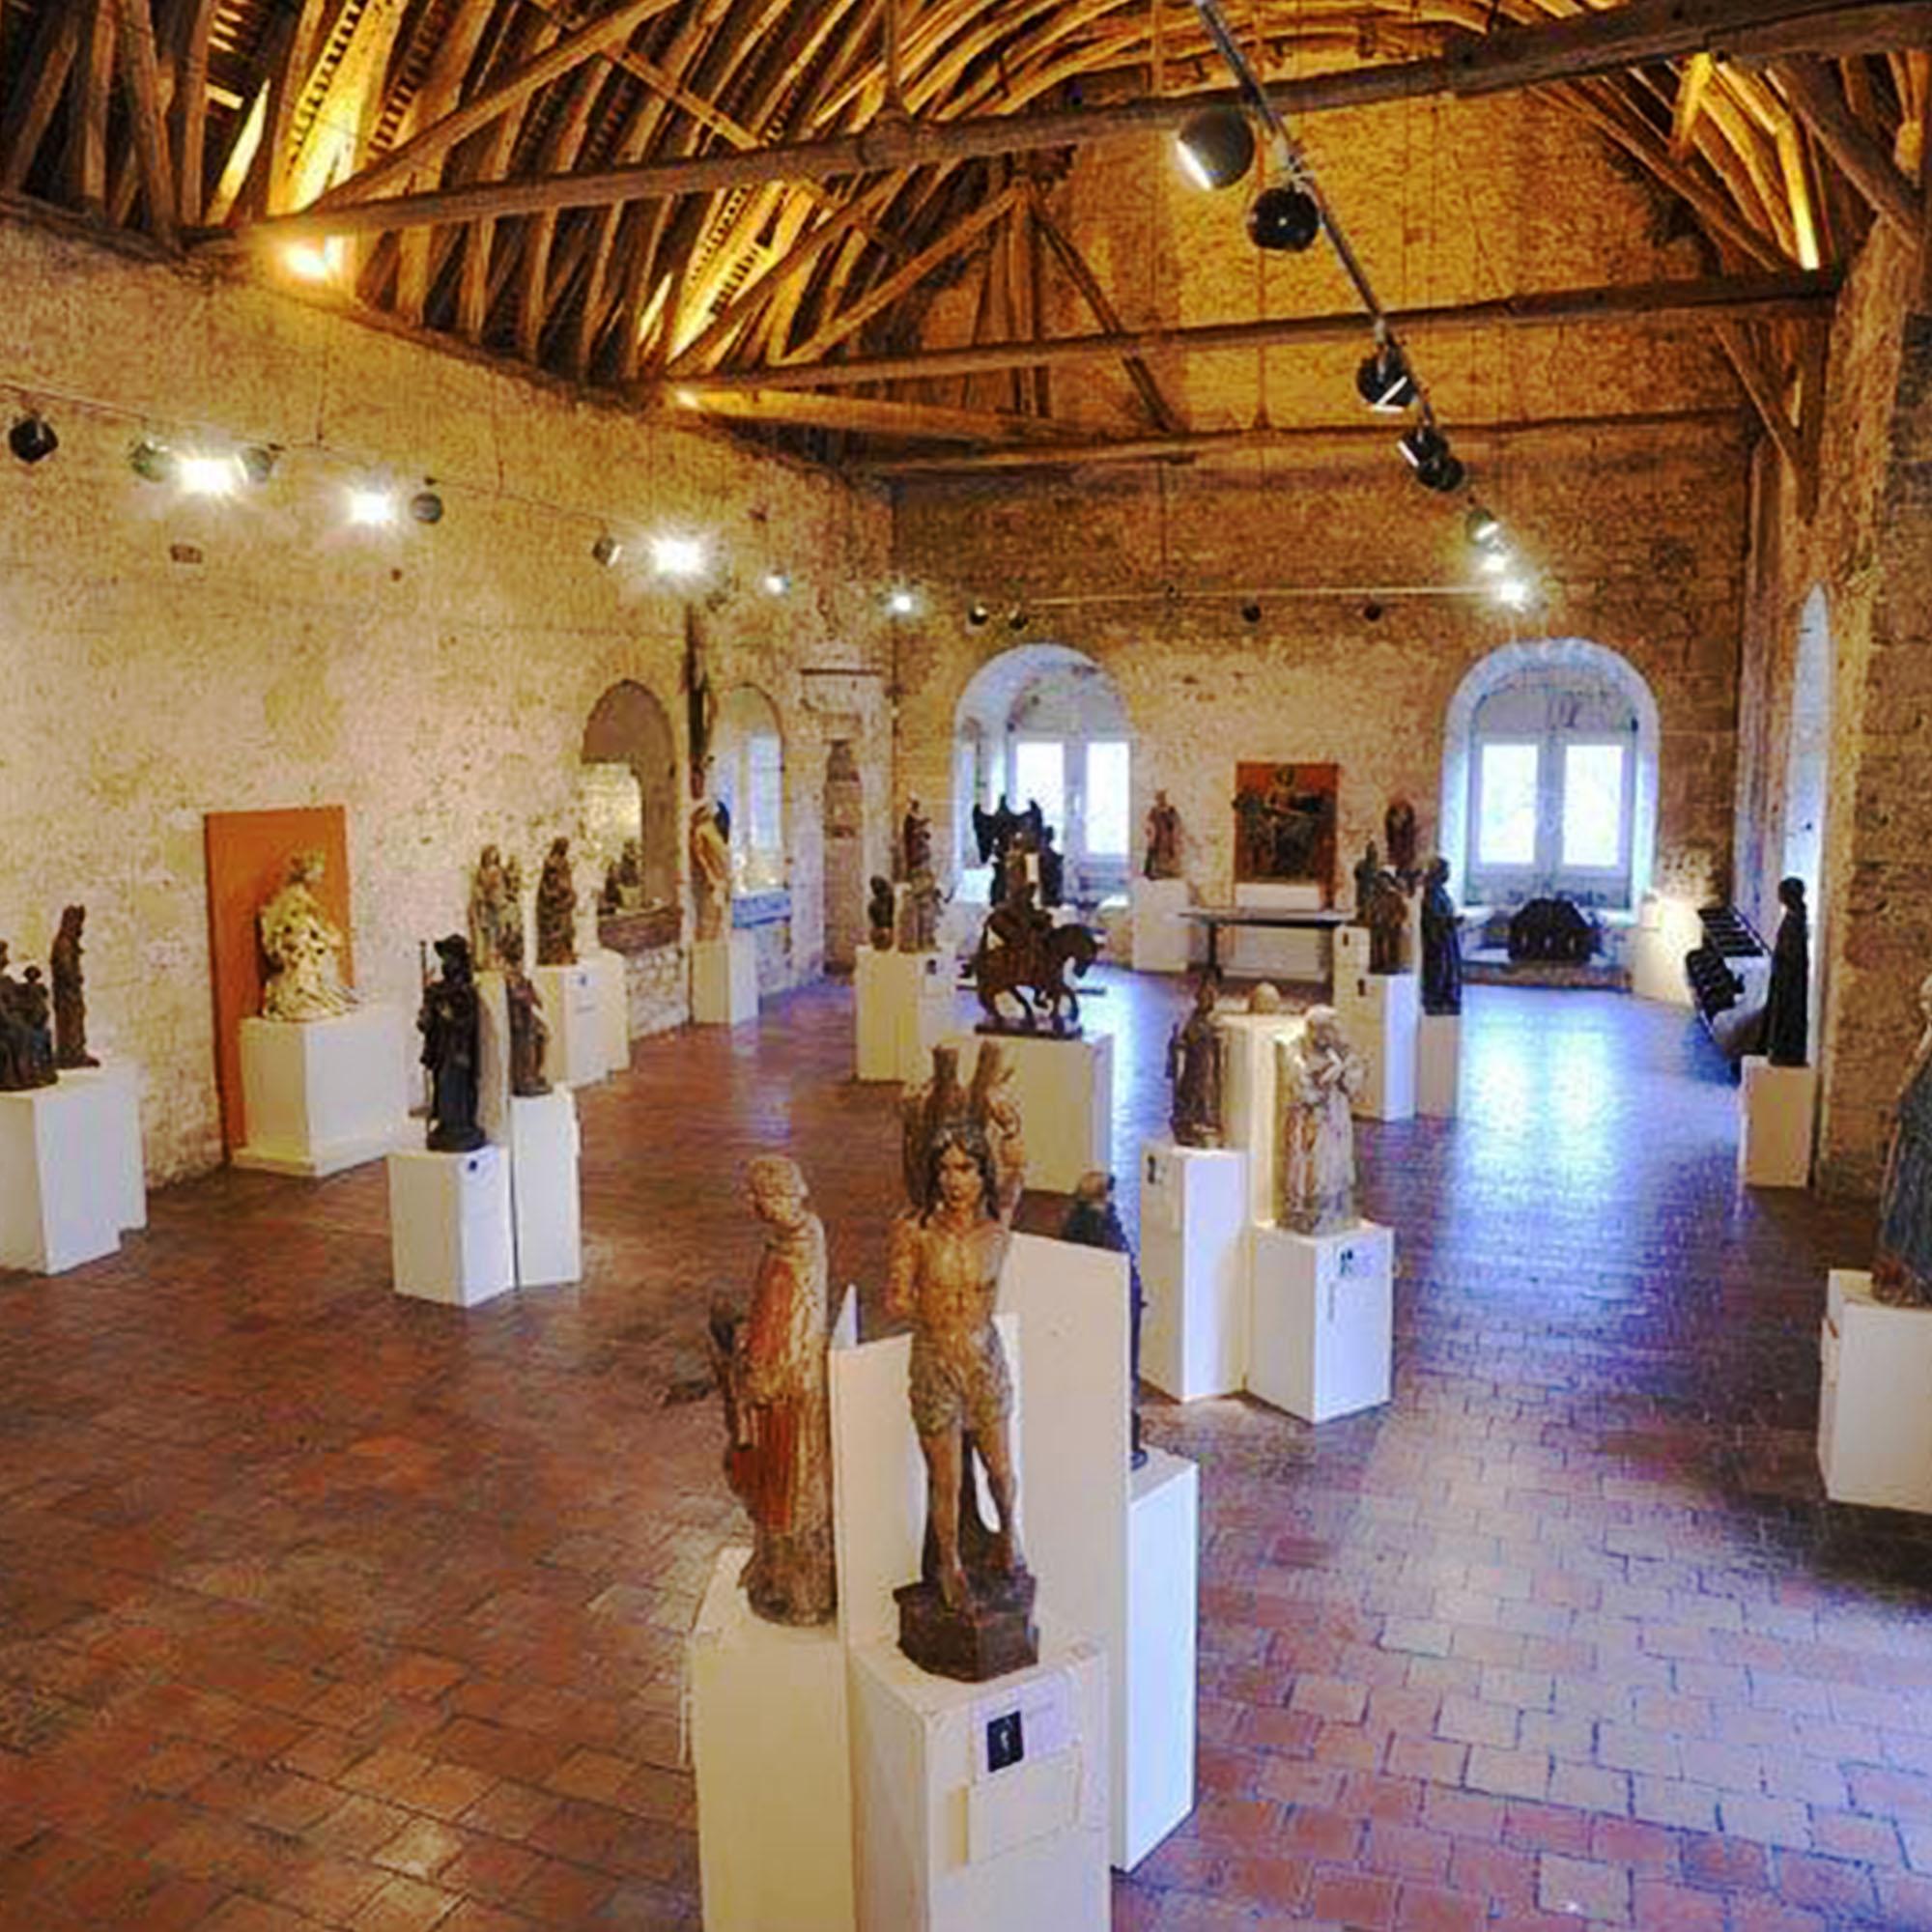 Musée_Archerie_Crépy_en_Valois_gîte_saint_germain_oise_versigny